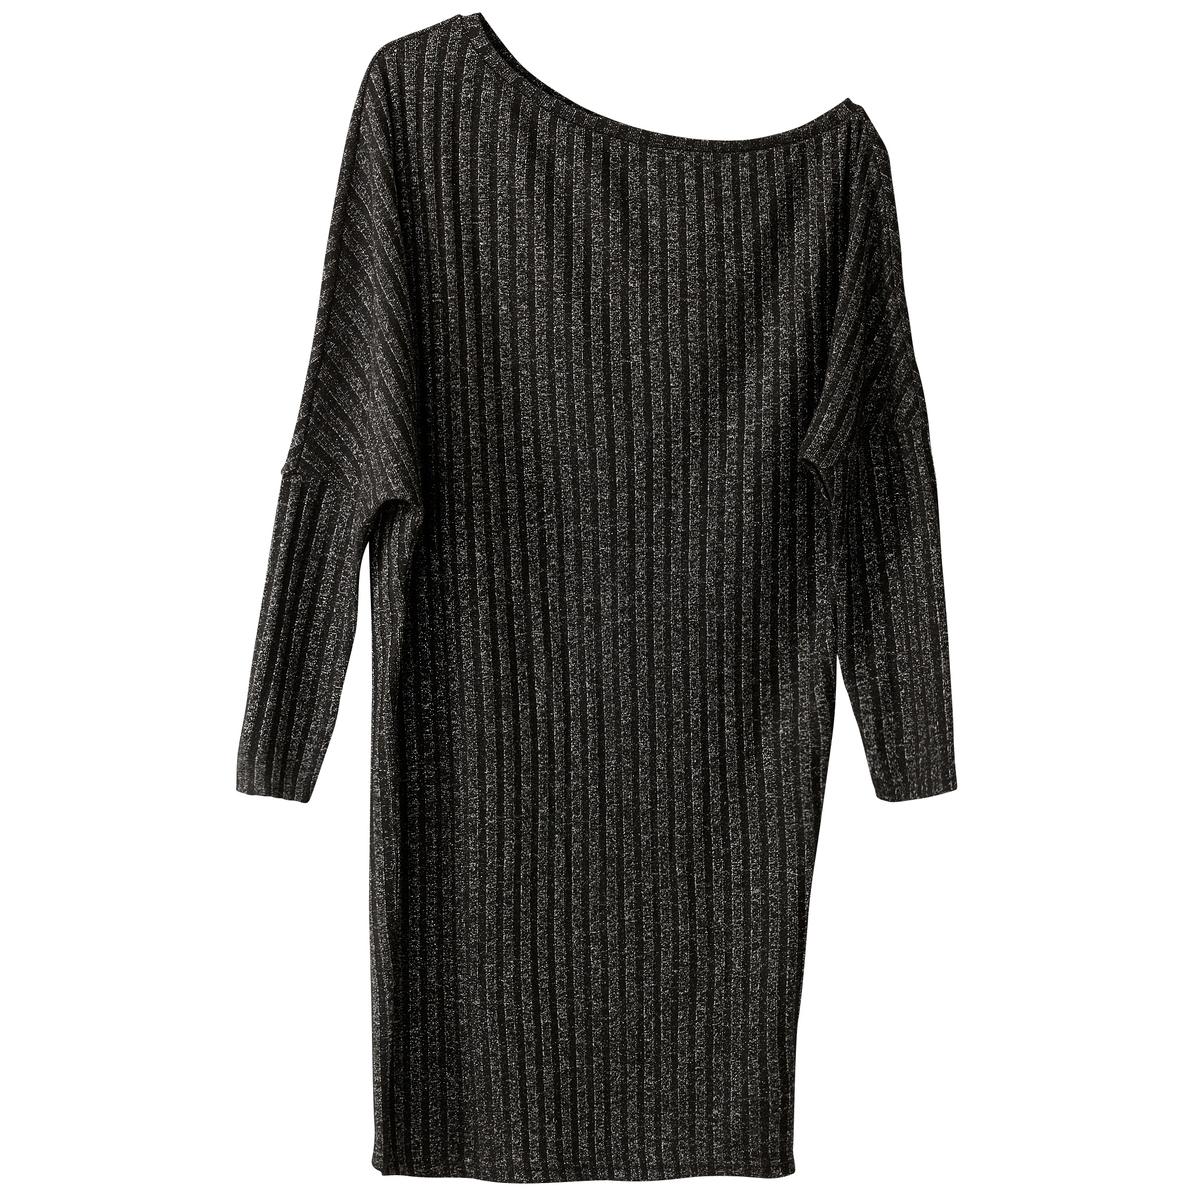 Платье прямое однотонное, средней длины, с длинными рукавами платье облегающее короткое однотонное с длинными рукавами